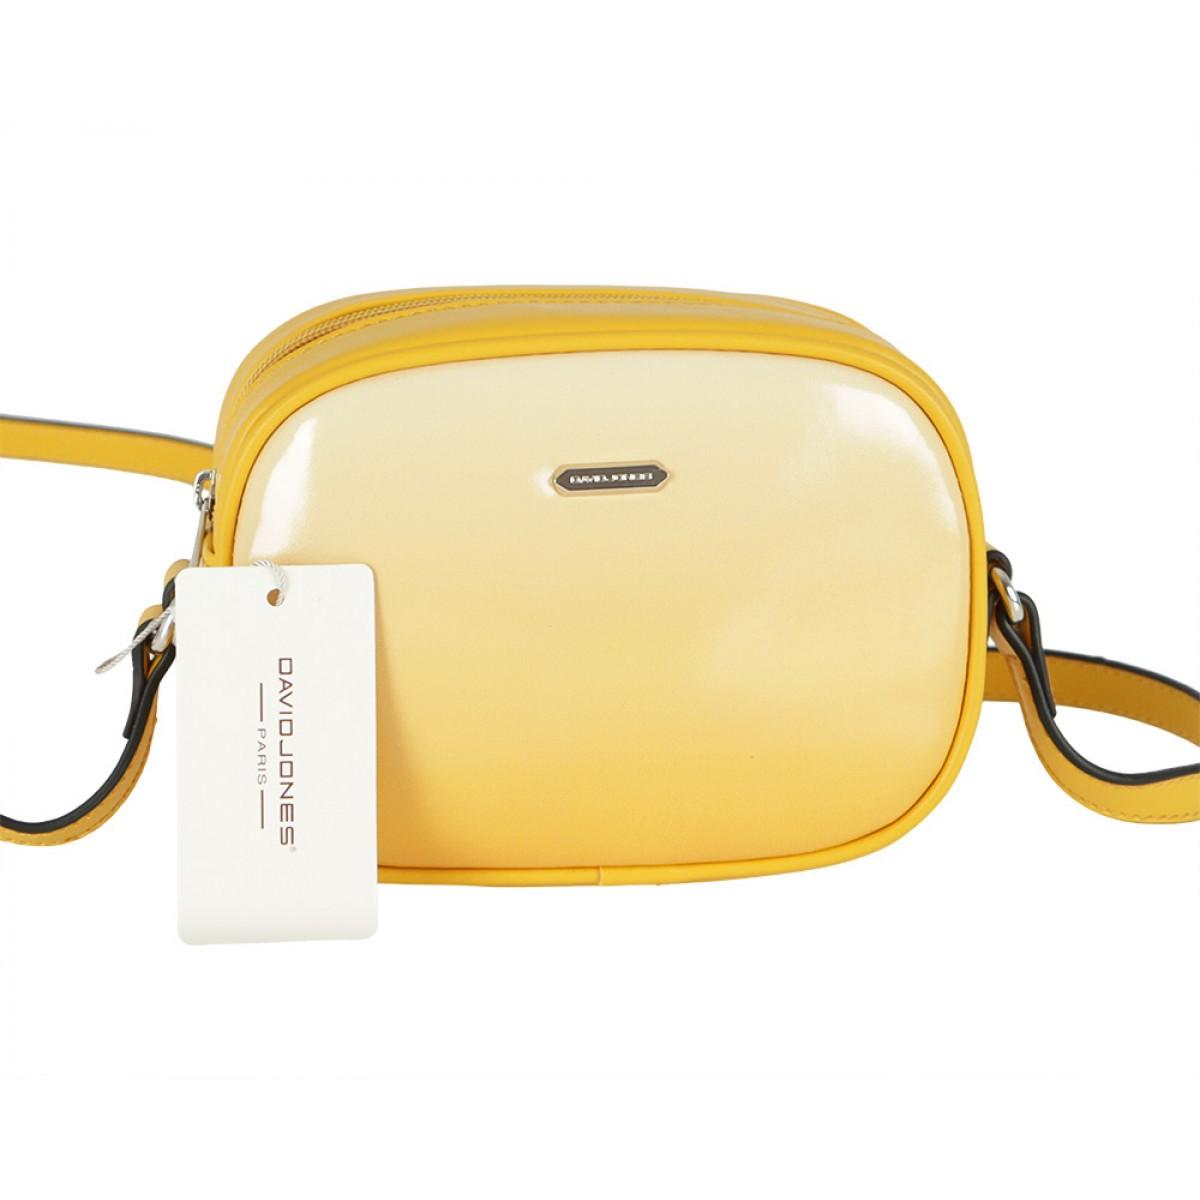 Жіноча сумка David Jones CM5722 YELLOW